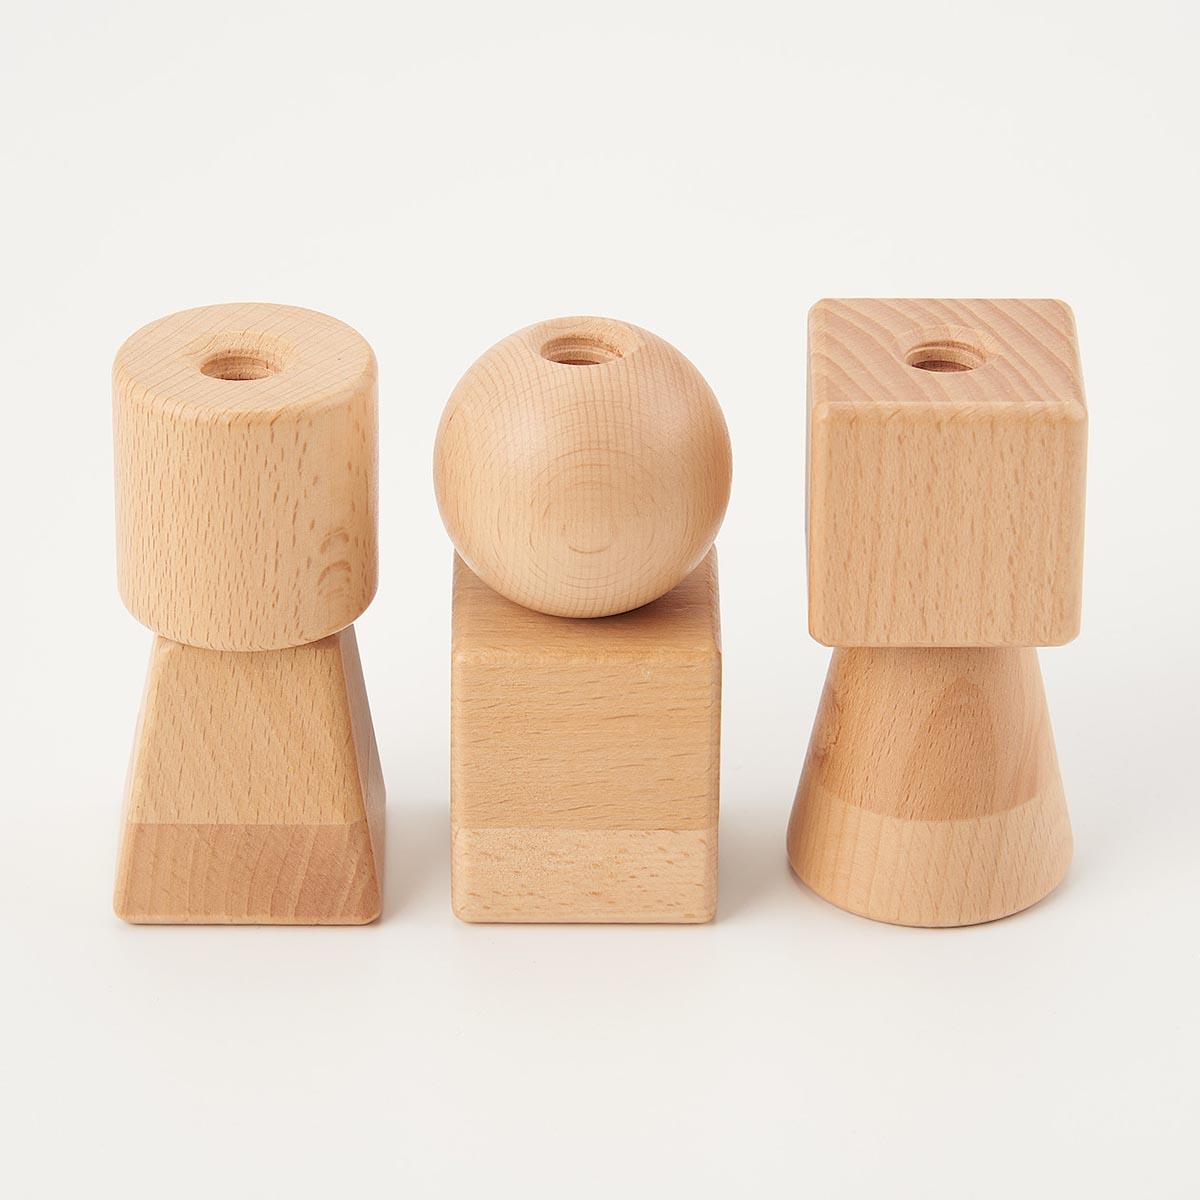 高品質 無印良品 公式 ねじあそび 木のおもちゃ ※ラッピング ※